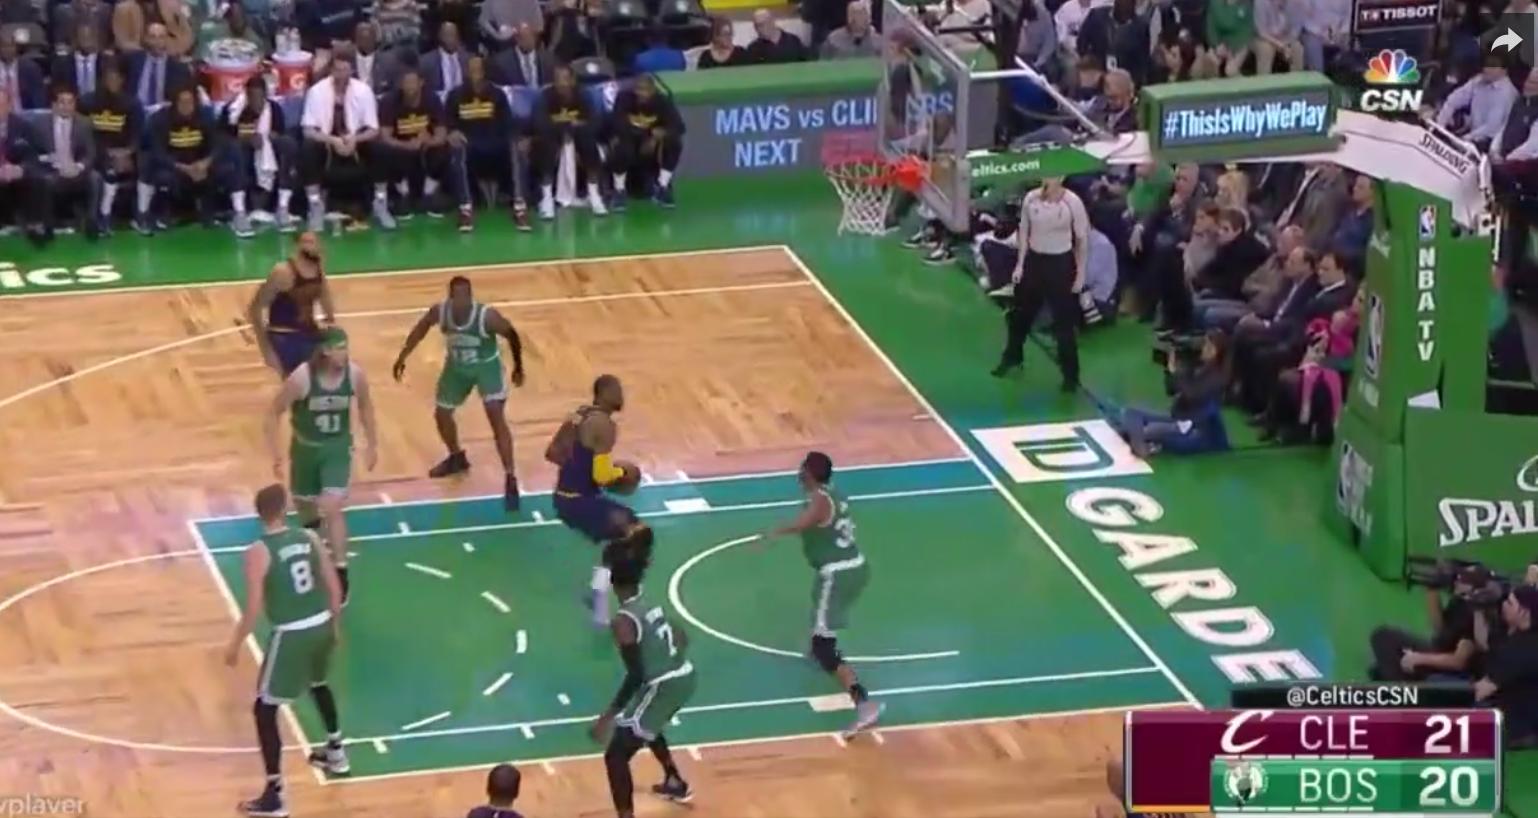 LeBron James s'amuse avec des Celtics en mode Harden/Lakers en défense